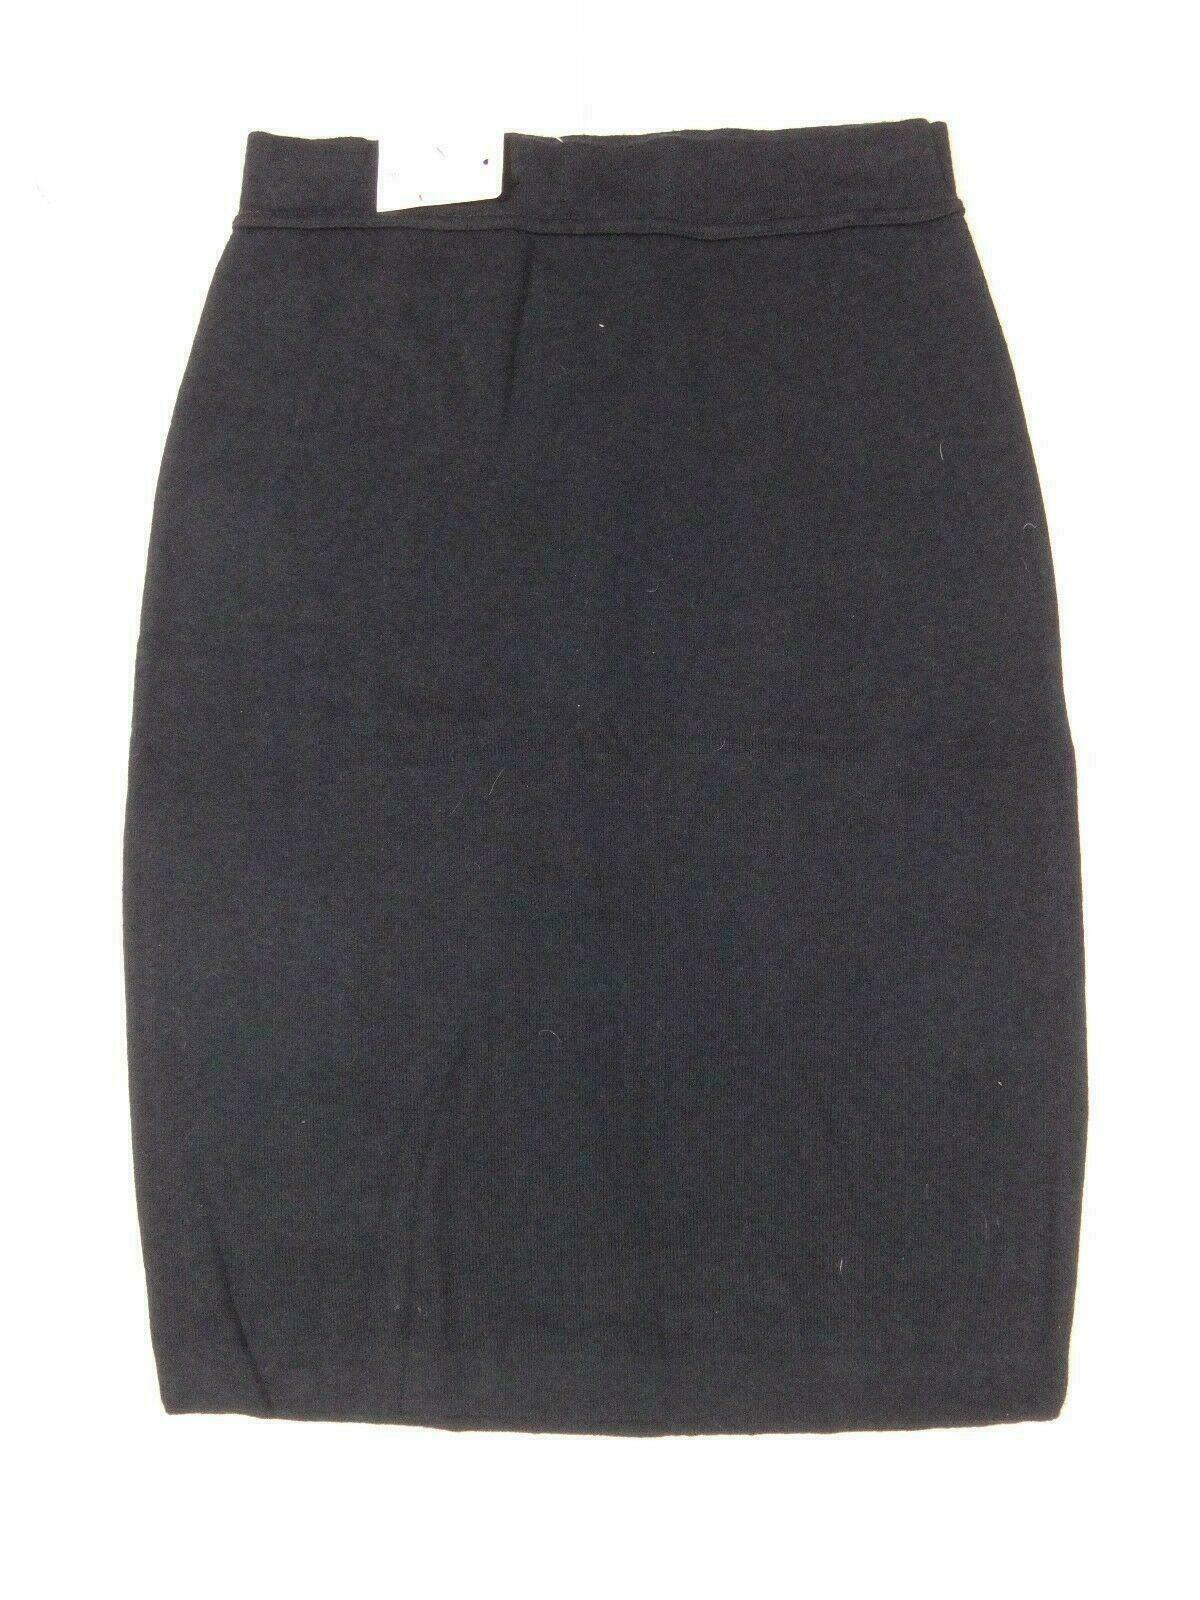 12595 Womens Skirt MONARI Size S Dark Blue